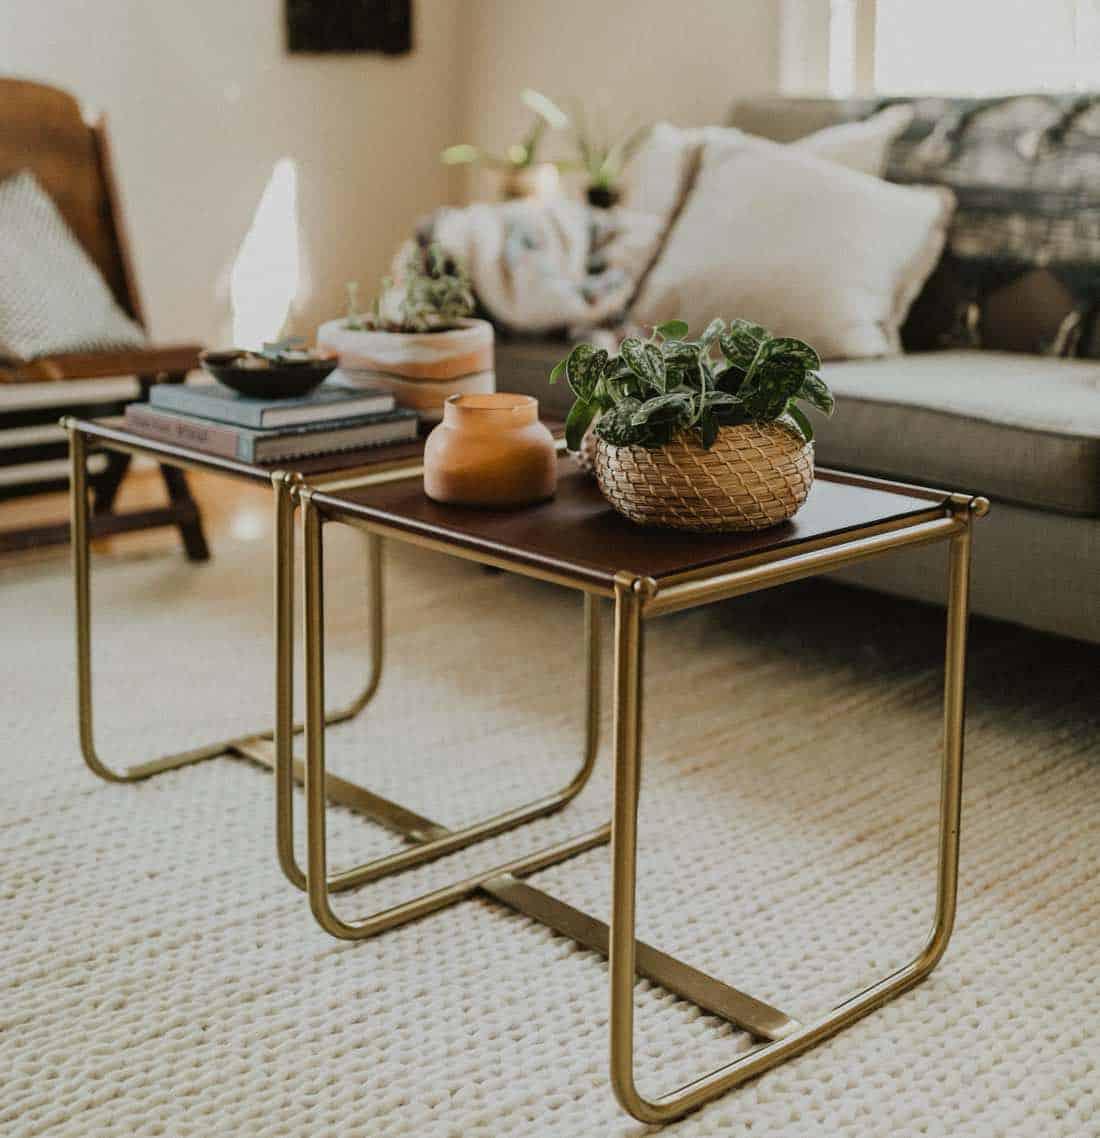 19 idées de table basse pour votre intérieur  Les objets de la maison